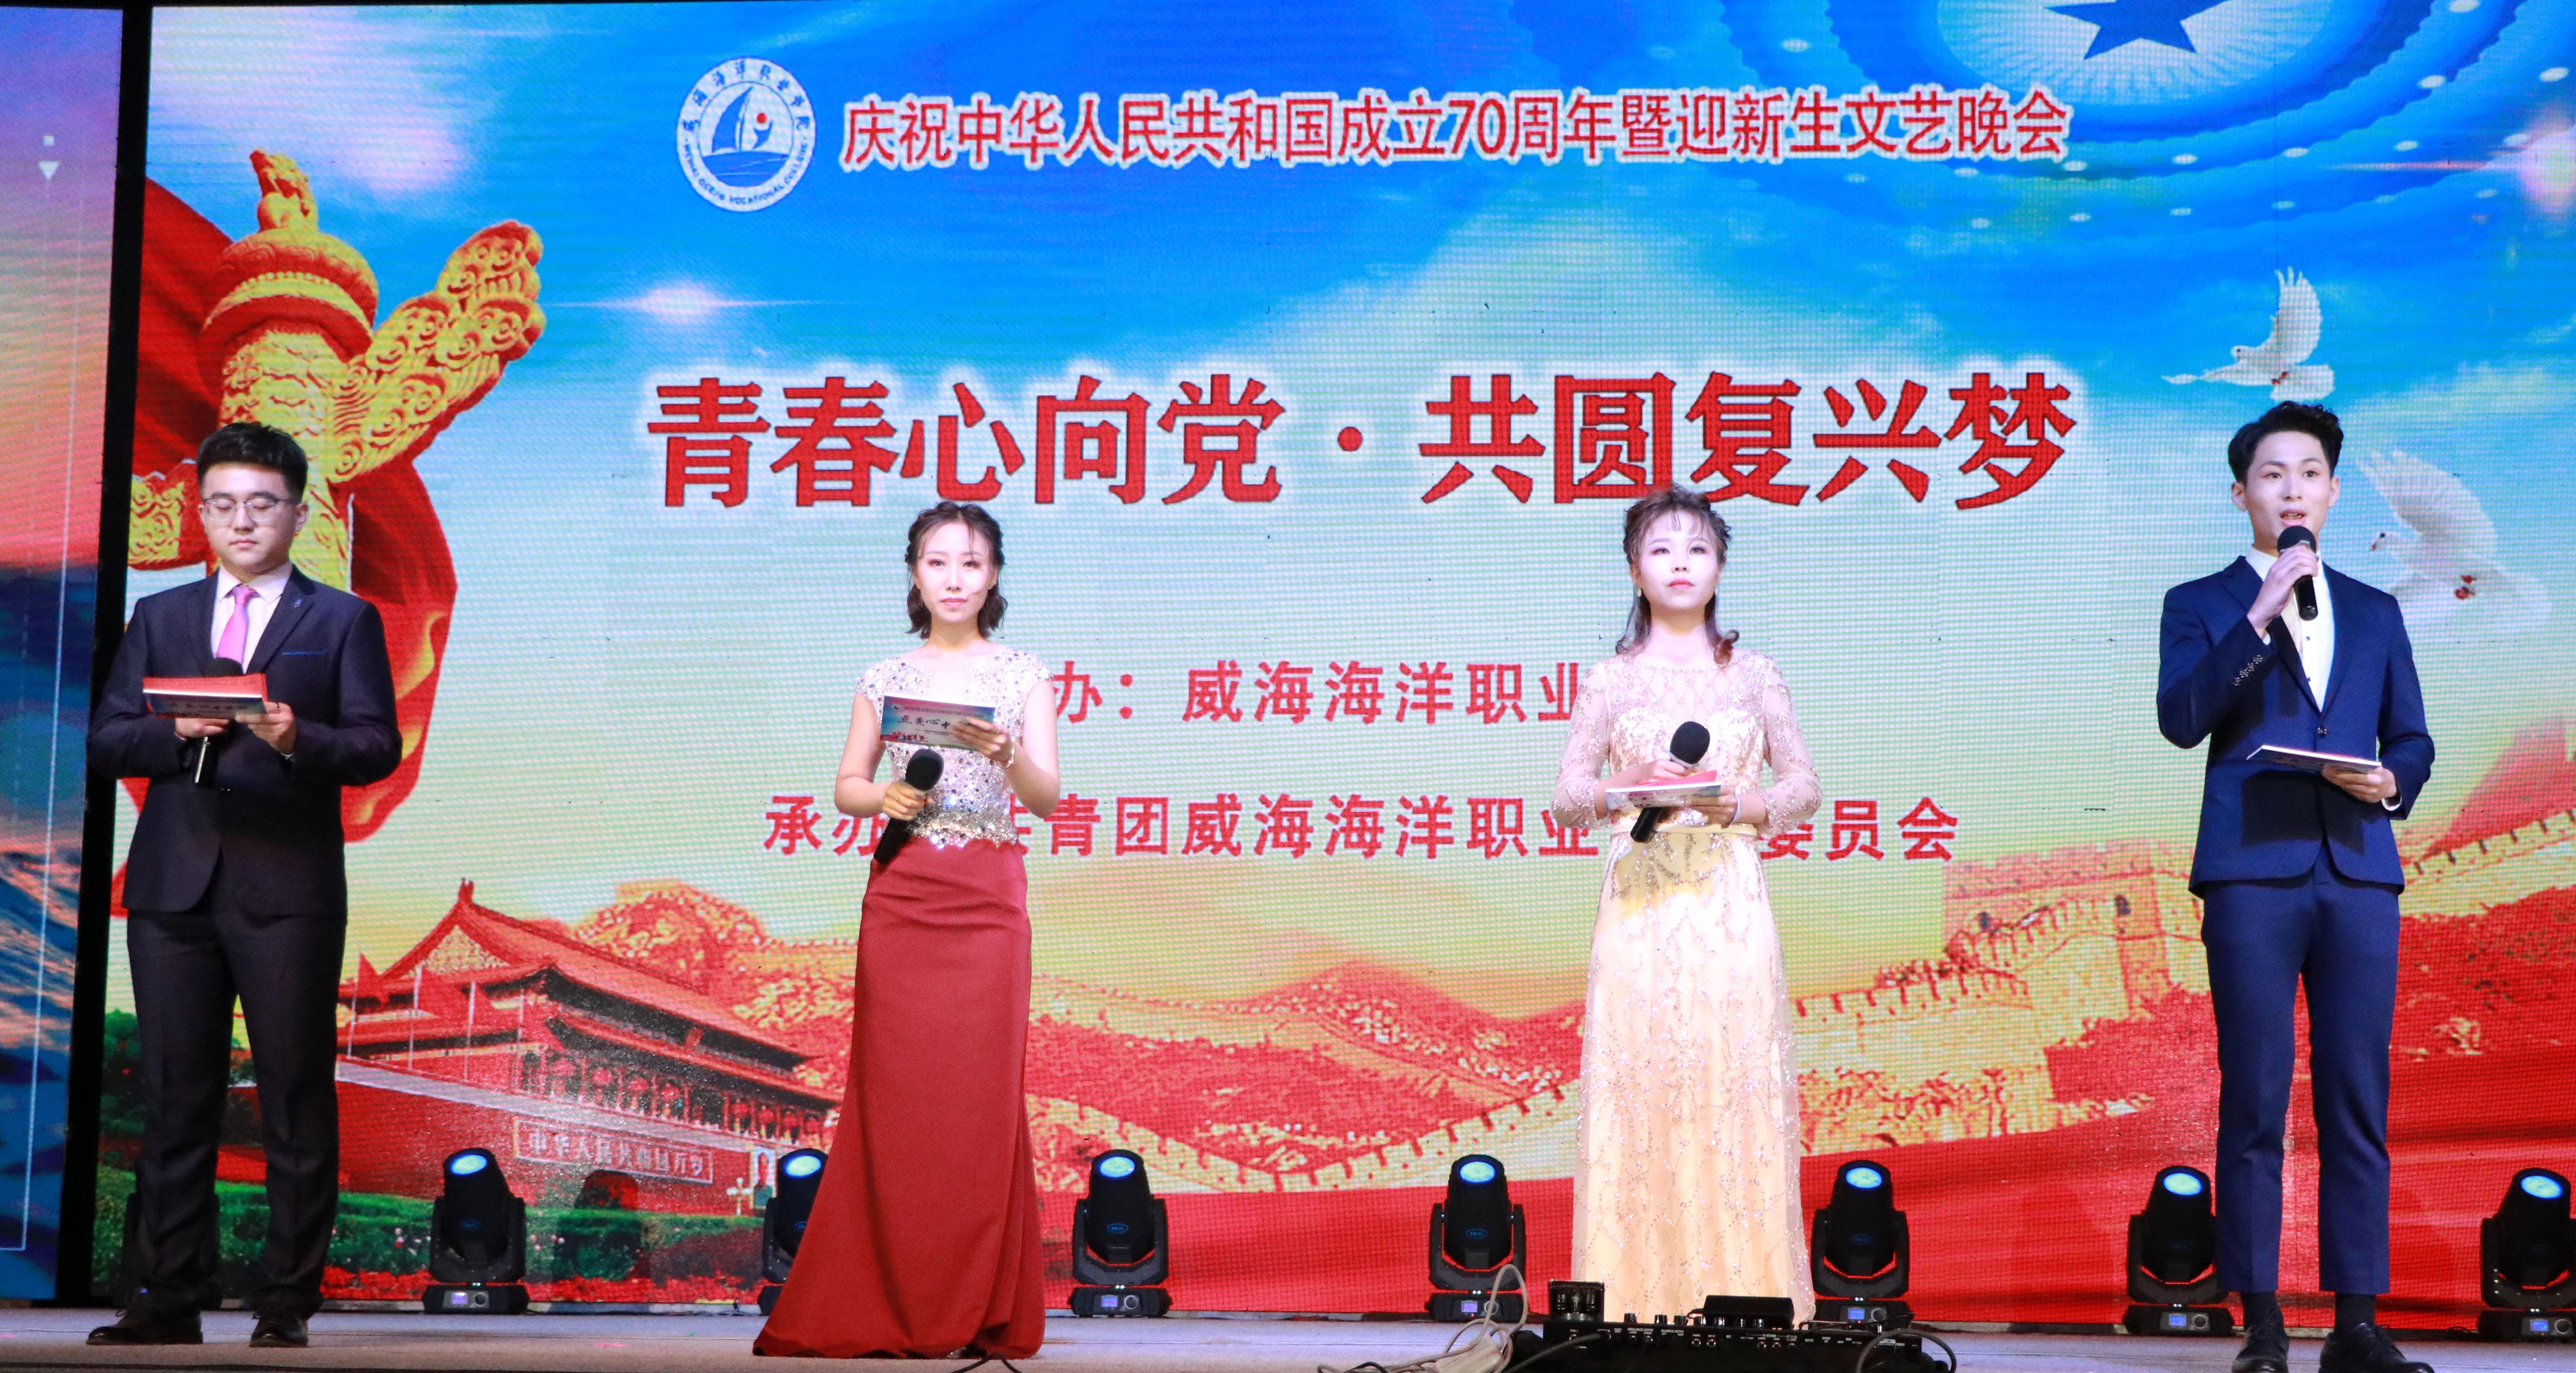 威海海洋职业学院举办庆祝中华人民共和国成立70周年暨2019年迎新晚会